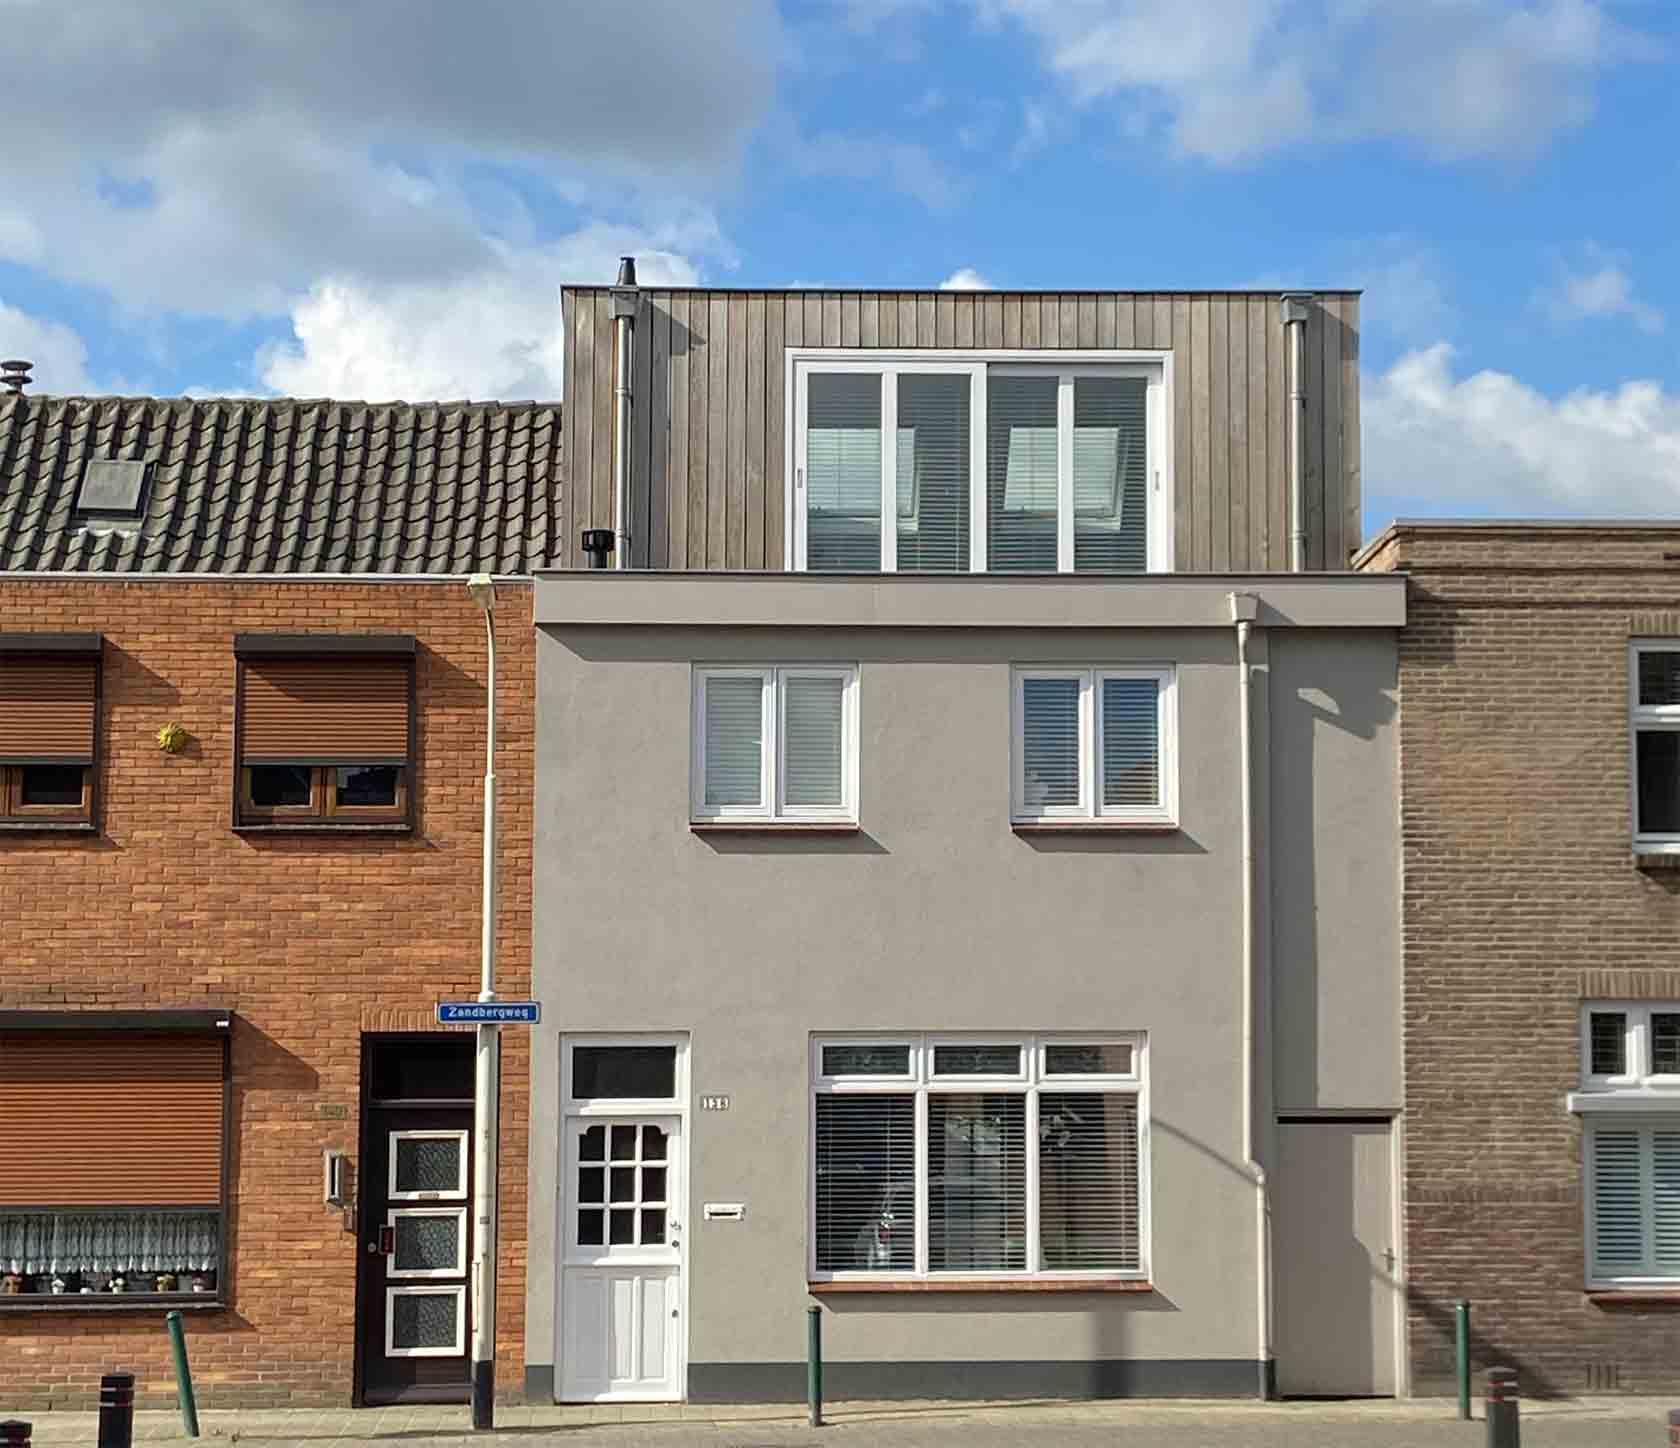 dakopbouw-hout-Breda-architect-1